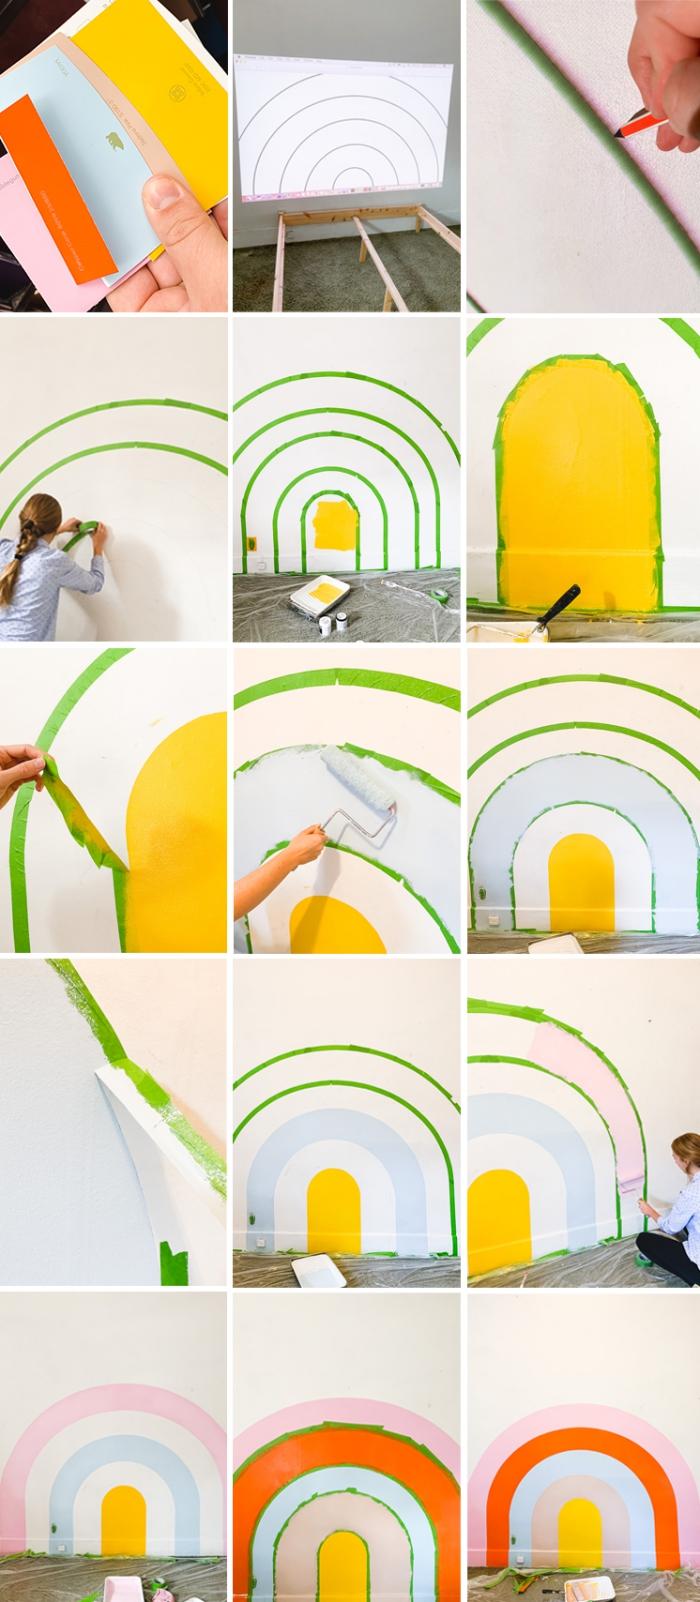 diy tuto comment fabriquer une tête de lit en forme arc en ciel avec peinture washi tape instruction activité manuelle adulte chambre enfant